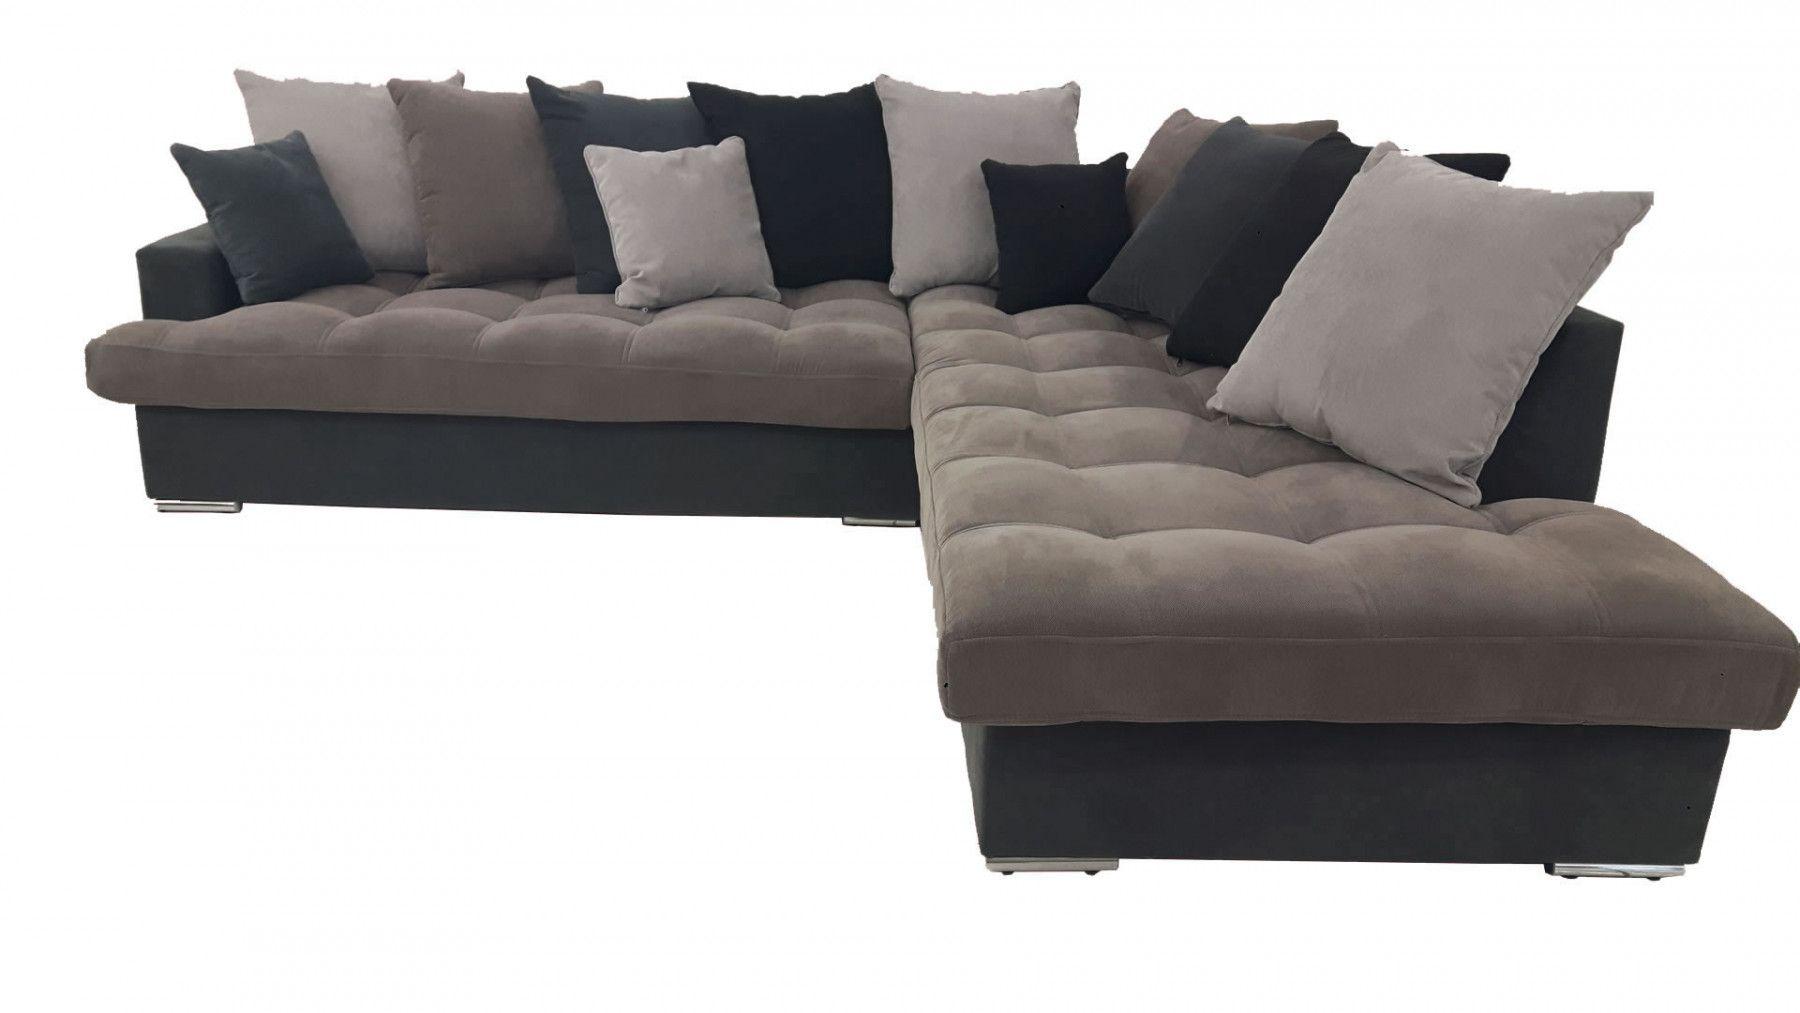 Canap d 39 angle droit linda gris et noir for Canape pour sejour